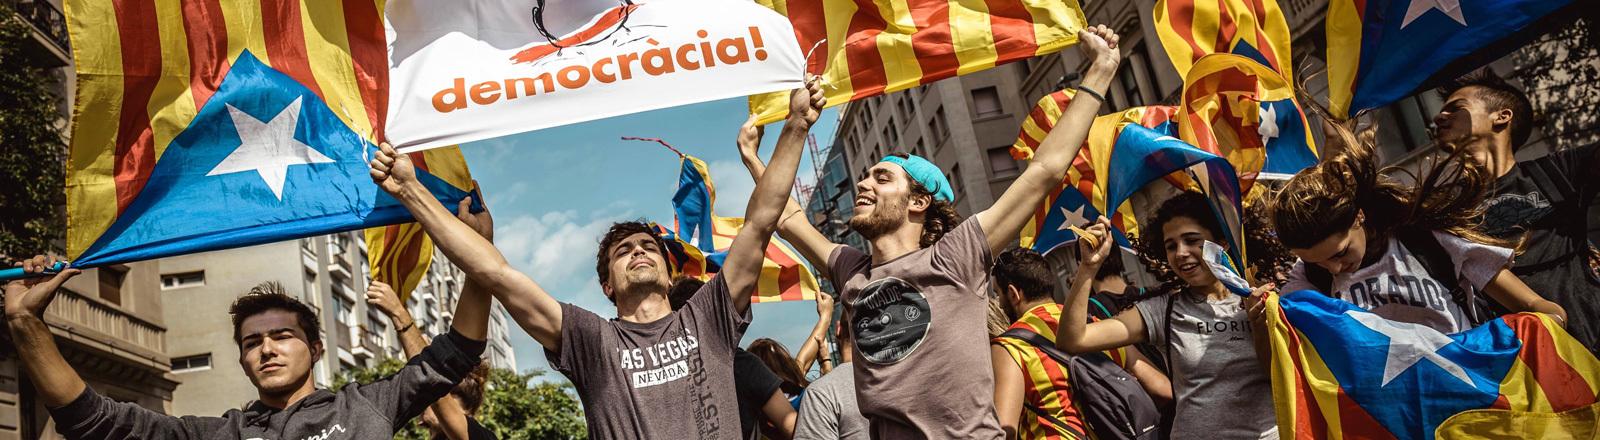 In Barcelona demonstrieren am 3.10.2017 junge Leute für die Unabhängigkeit Kataloniens.